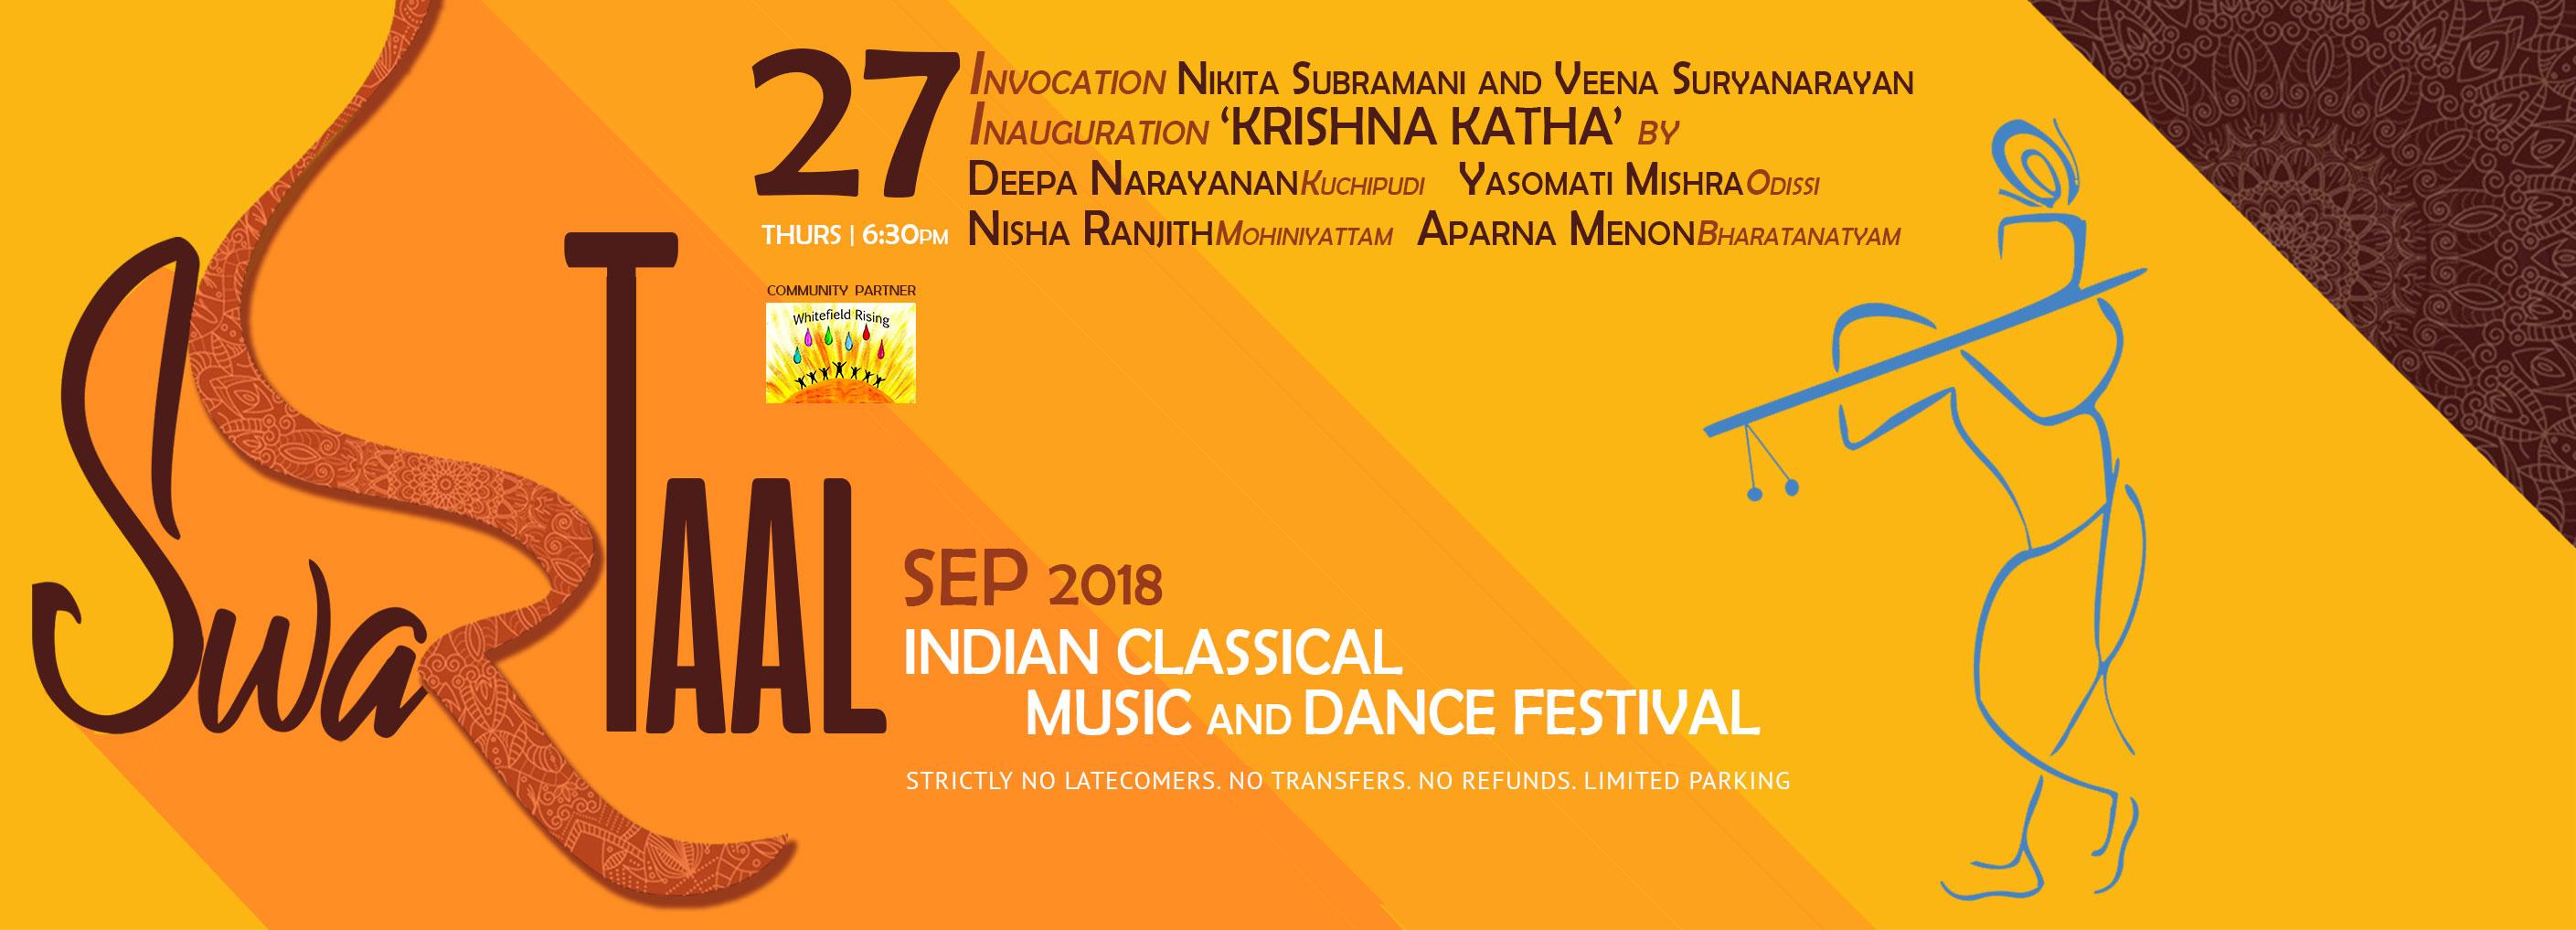 SwarTaal- 'Krishna Katha'